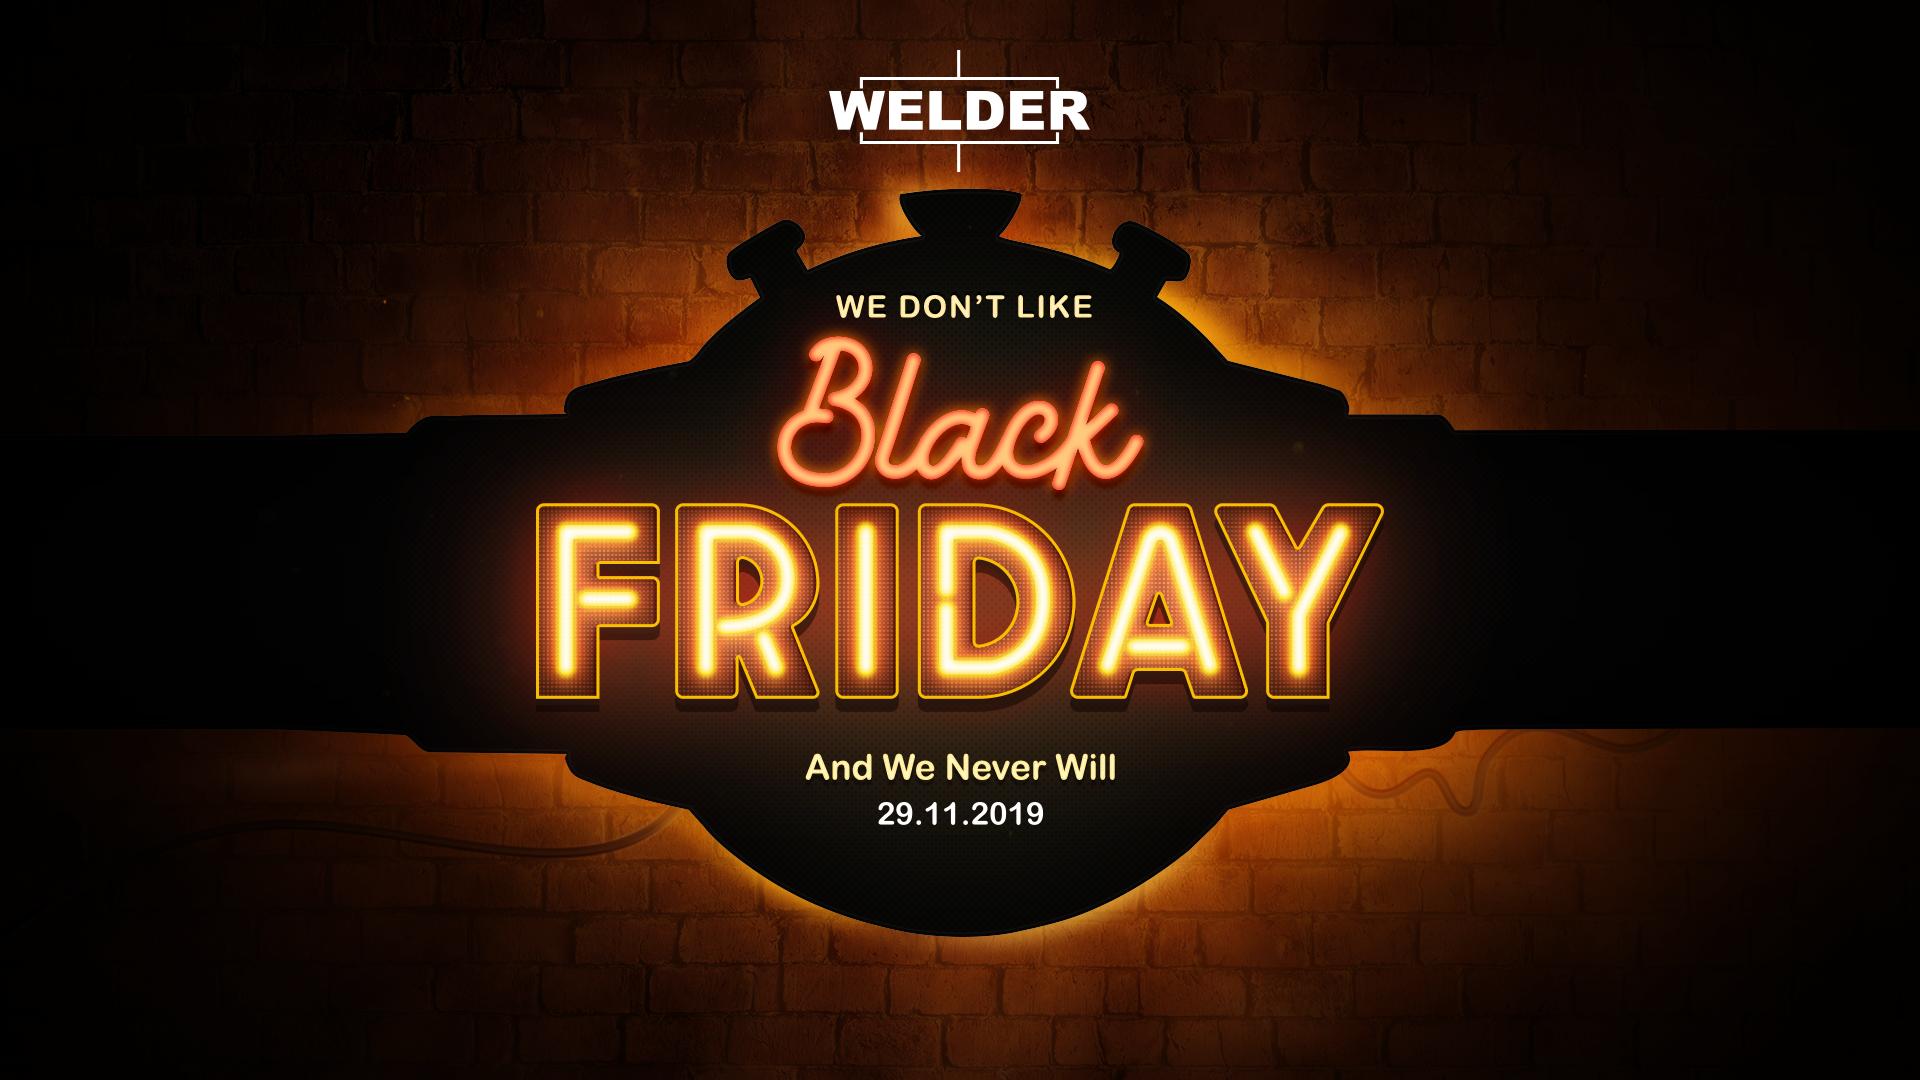 Welder Black Friday'de Satış Yapmama Kararı Aldı